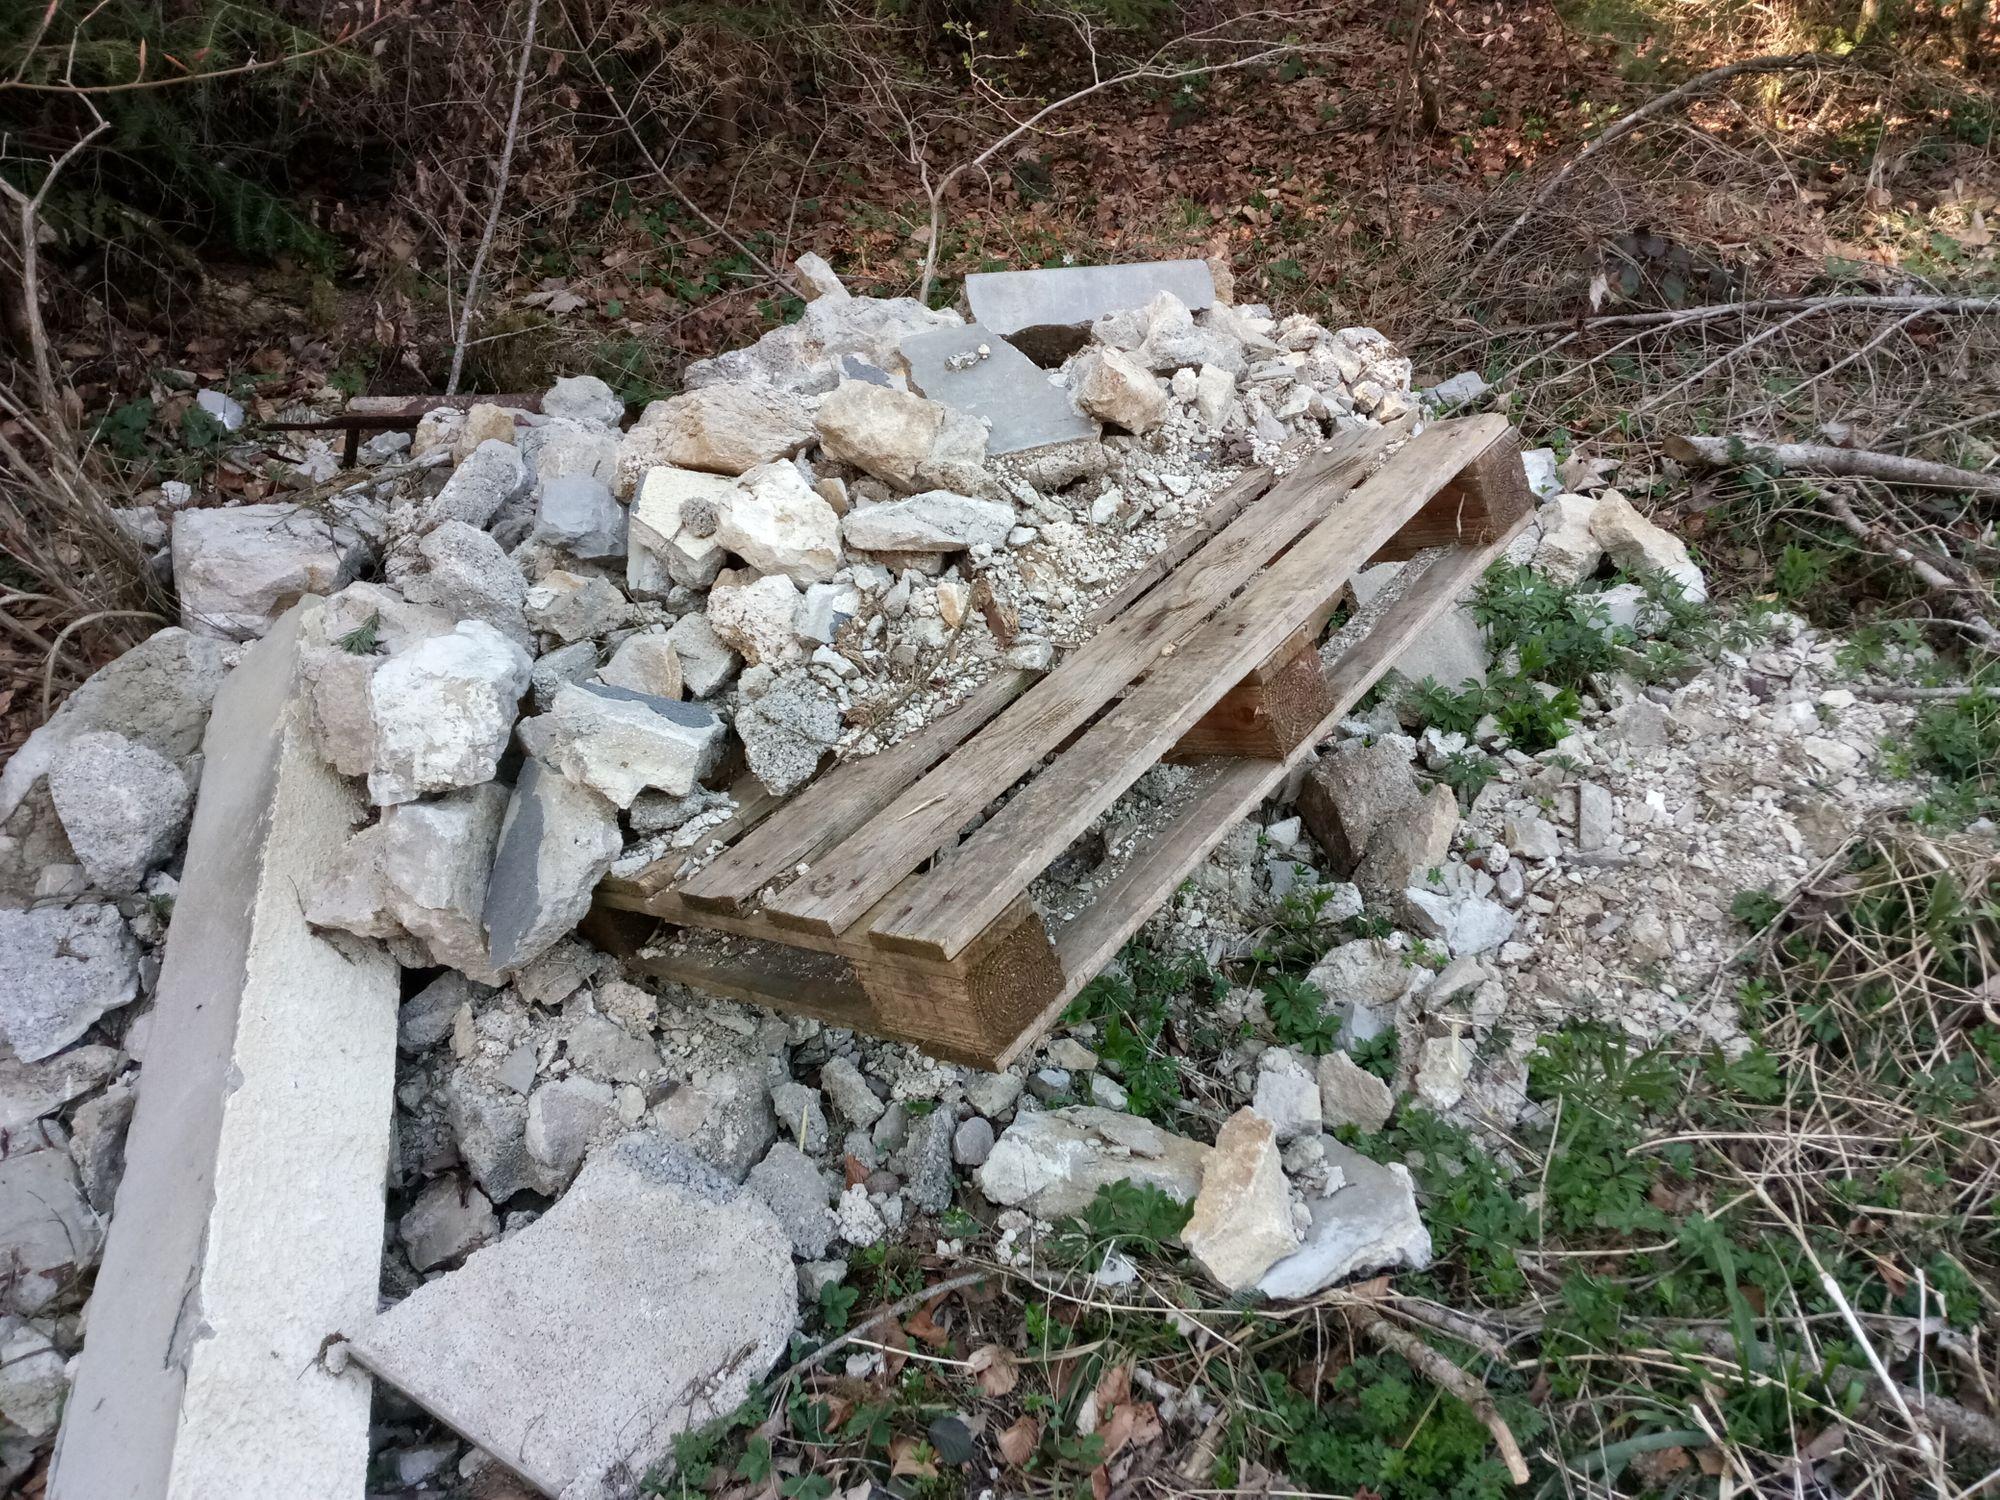 Les dépôts de déchets en forêt résistent au confinement